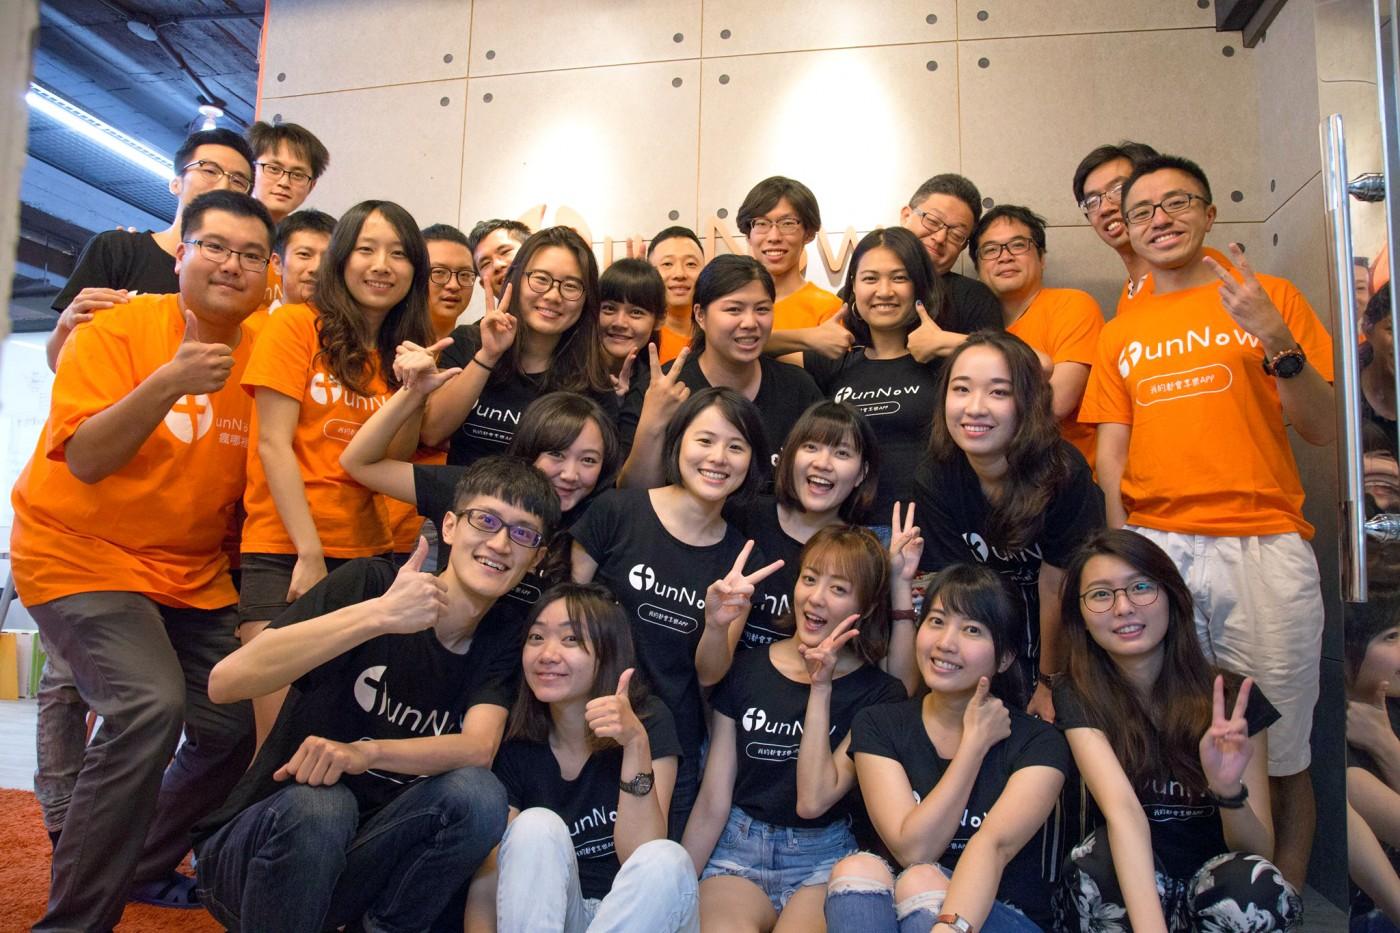 賣中信兄弟主場晚鳥票衝出知名度,都市享樂預訂平台FunNow融資4,500萬、將前進東南亞